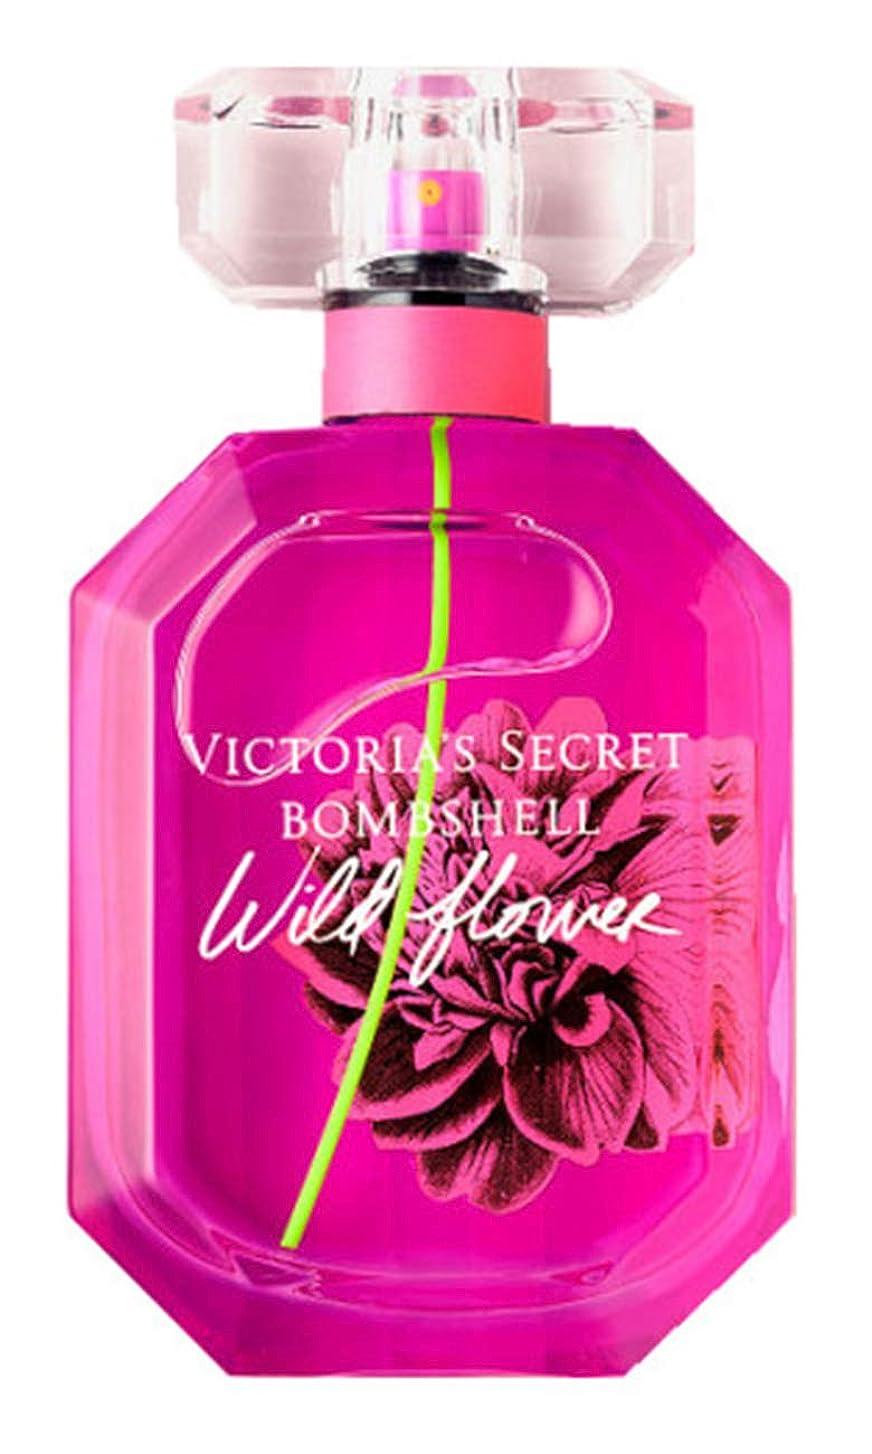 拒絶する確認してくださいクレデンシャルビクトリアシークレット VICTORIA'S SECRET ボムシェル ワイルドフラワー オーデパフューム 香水 コスメ 1.7fl oz(50ml)